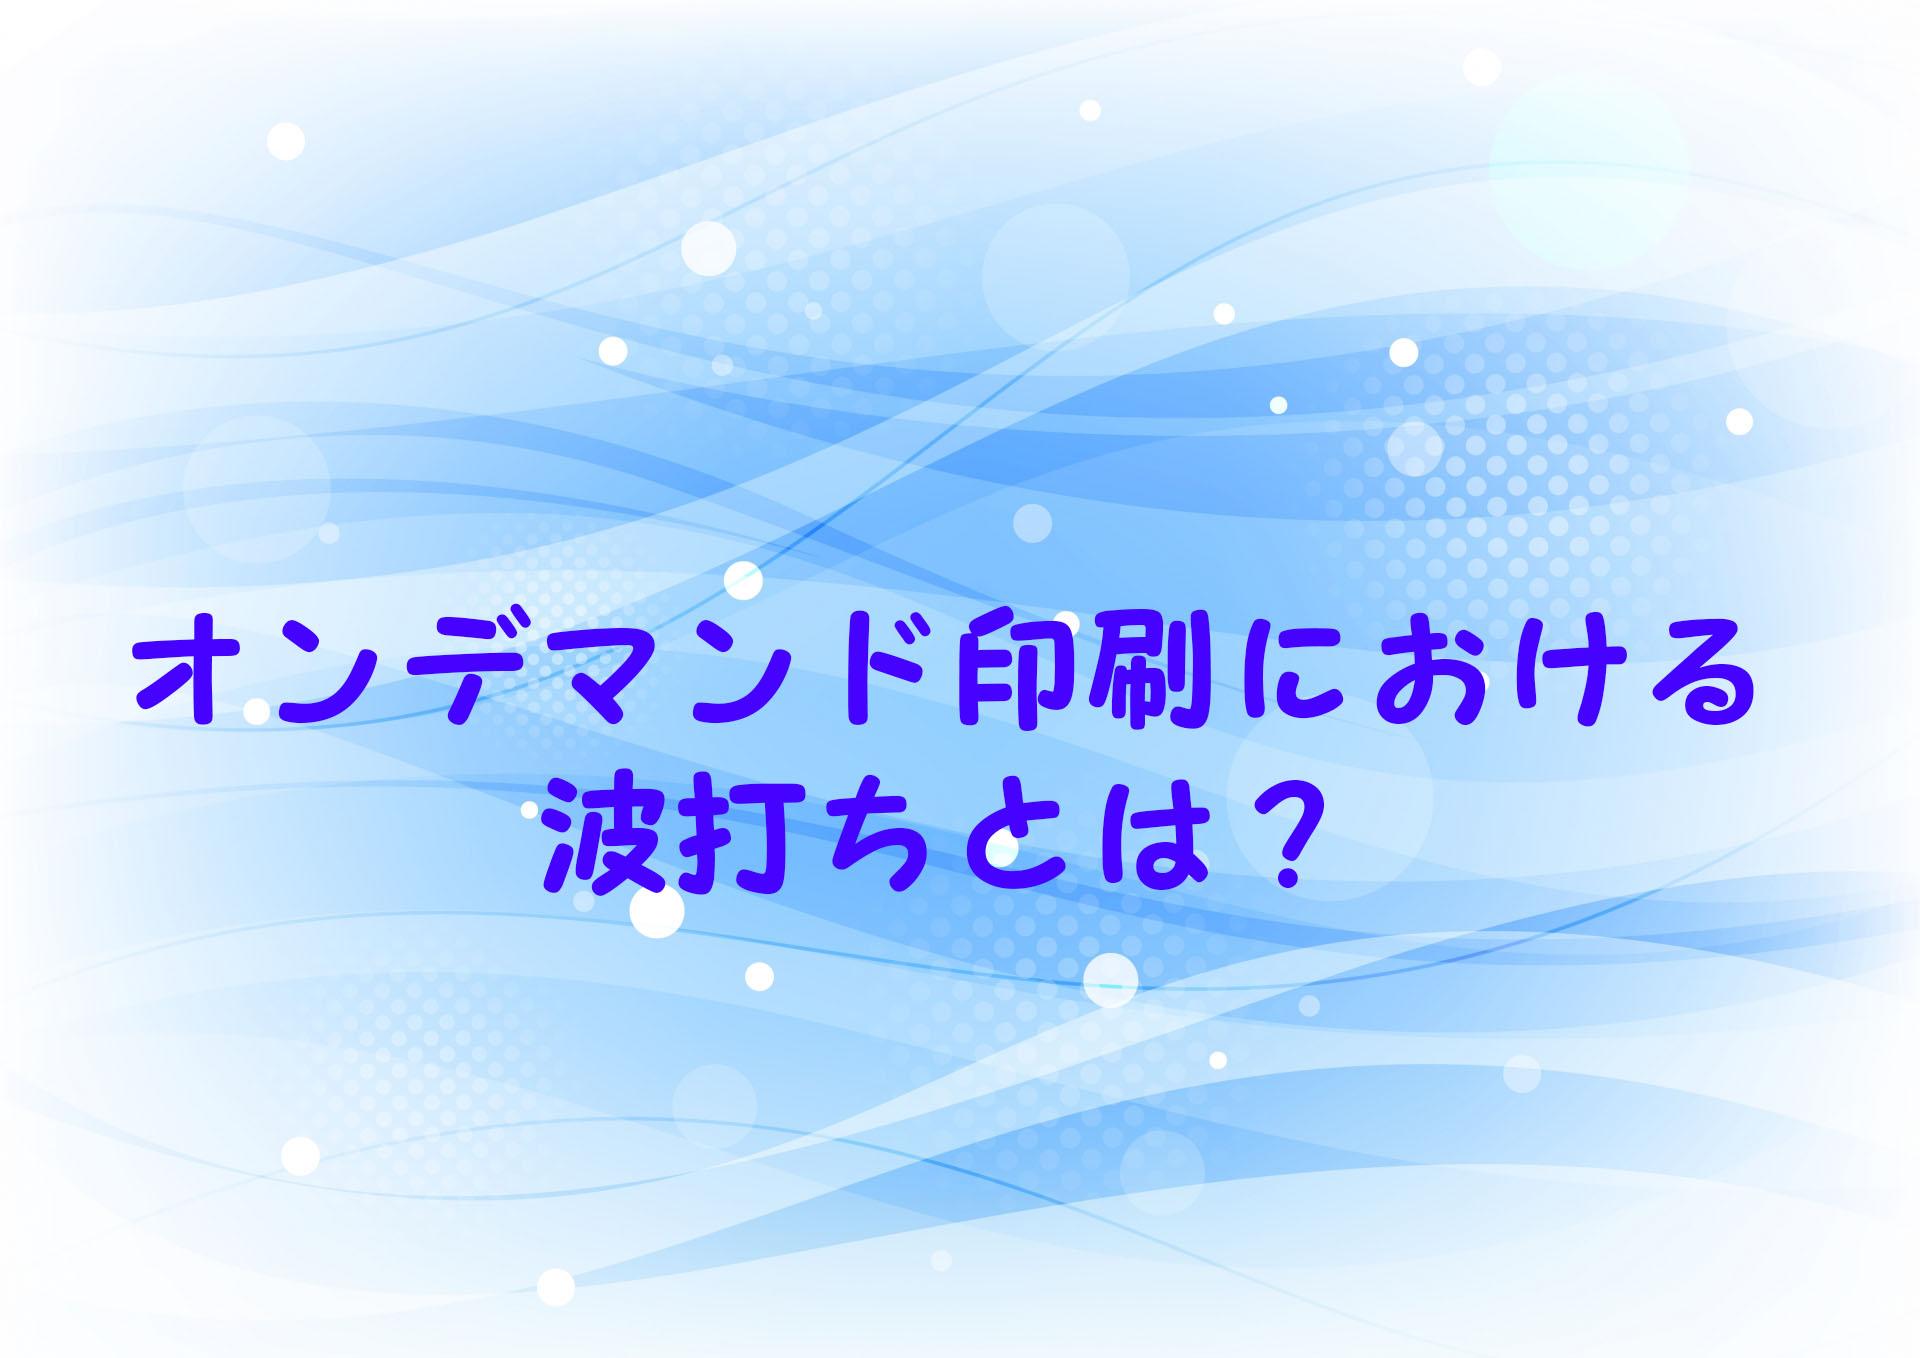 オンデマンド印刷の「波打ち」について|大阪の同人誌印刷所が秘策をお教えします